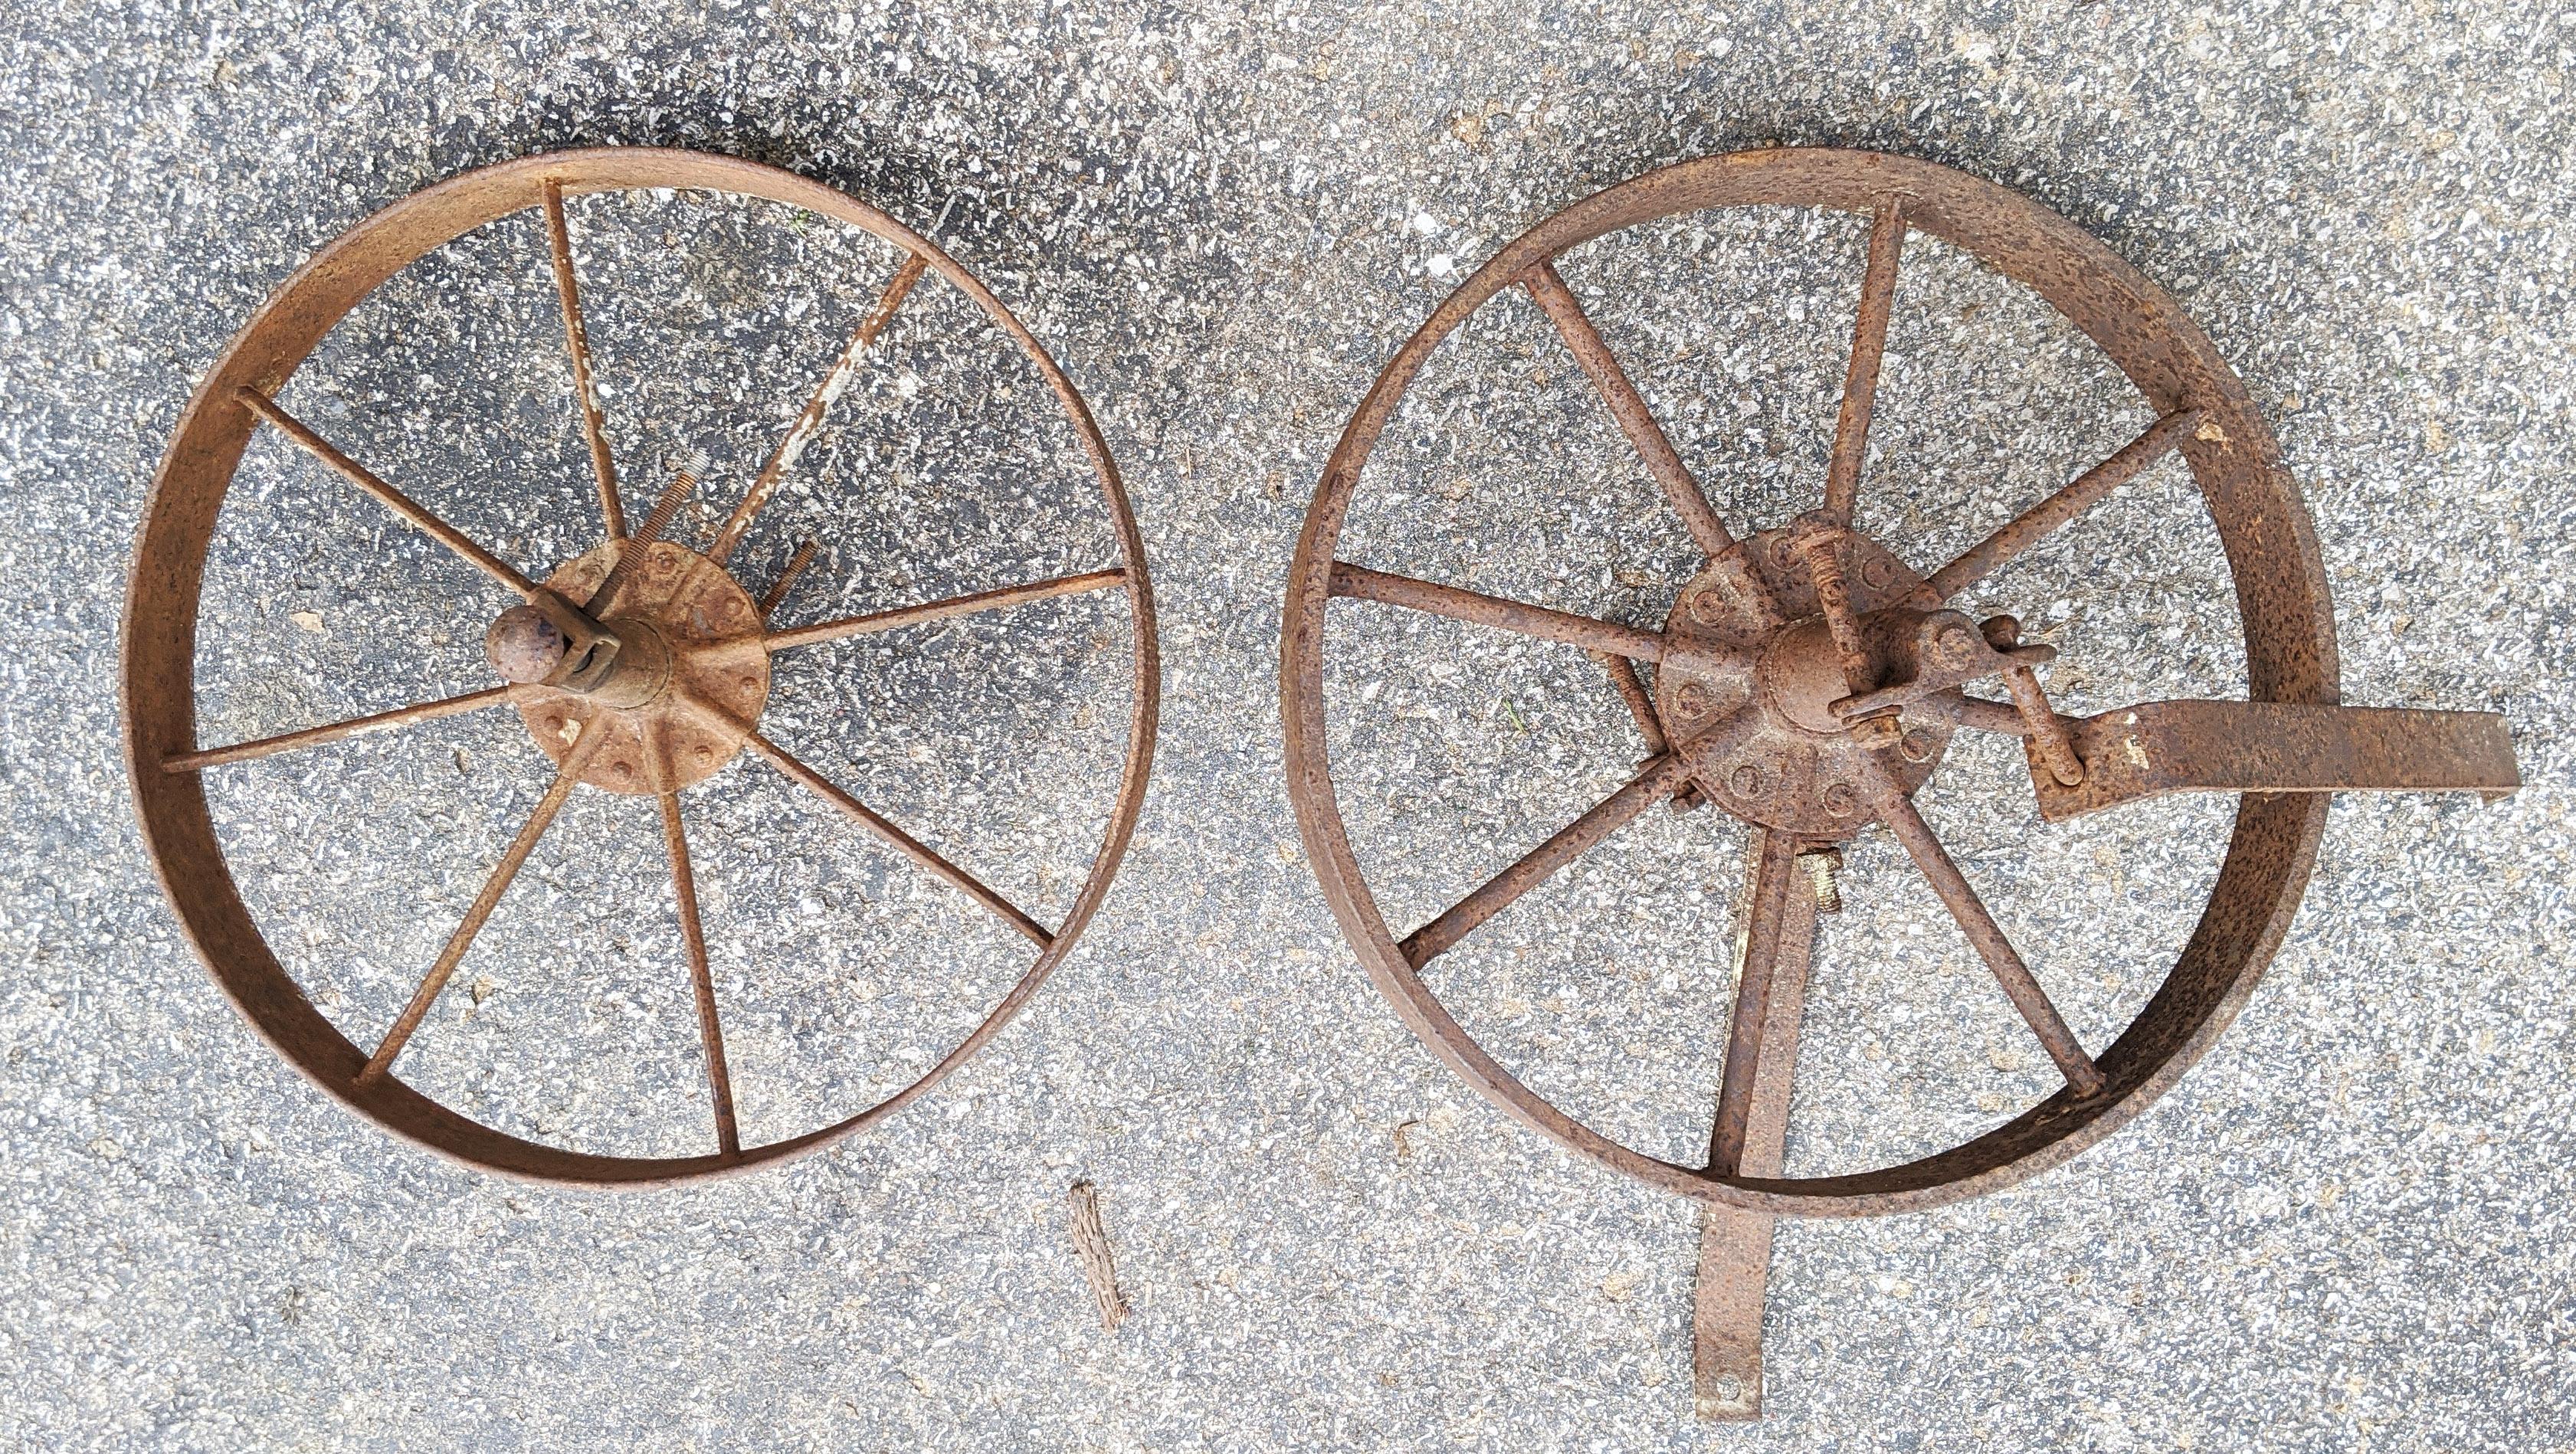 Antique steel wheel Barrow & Implement